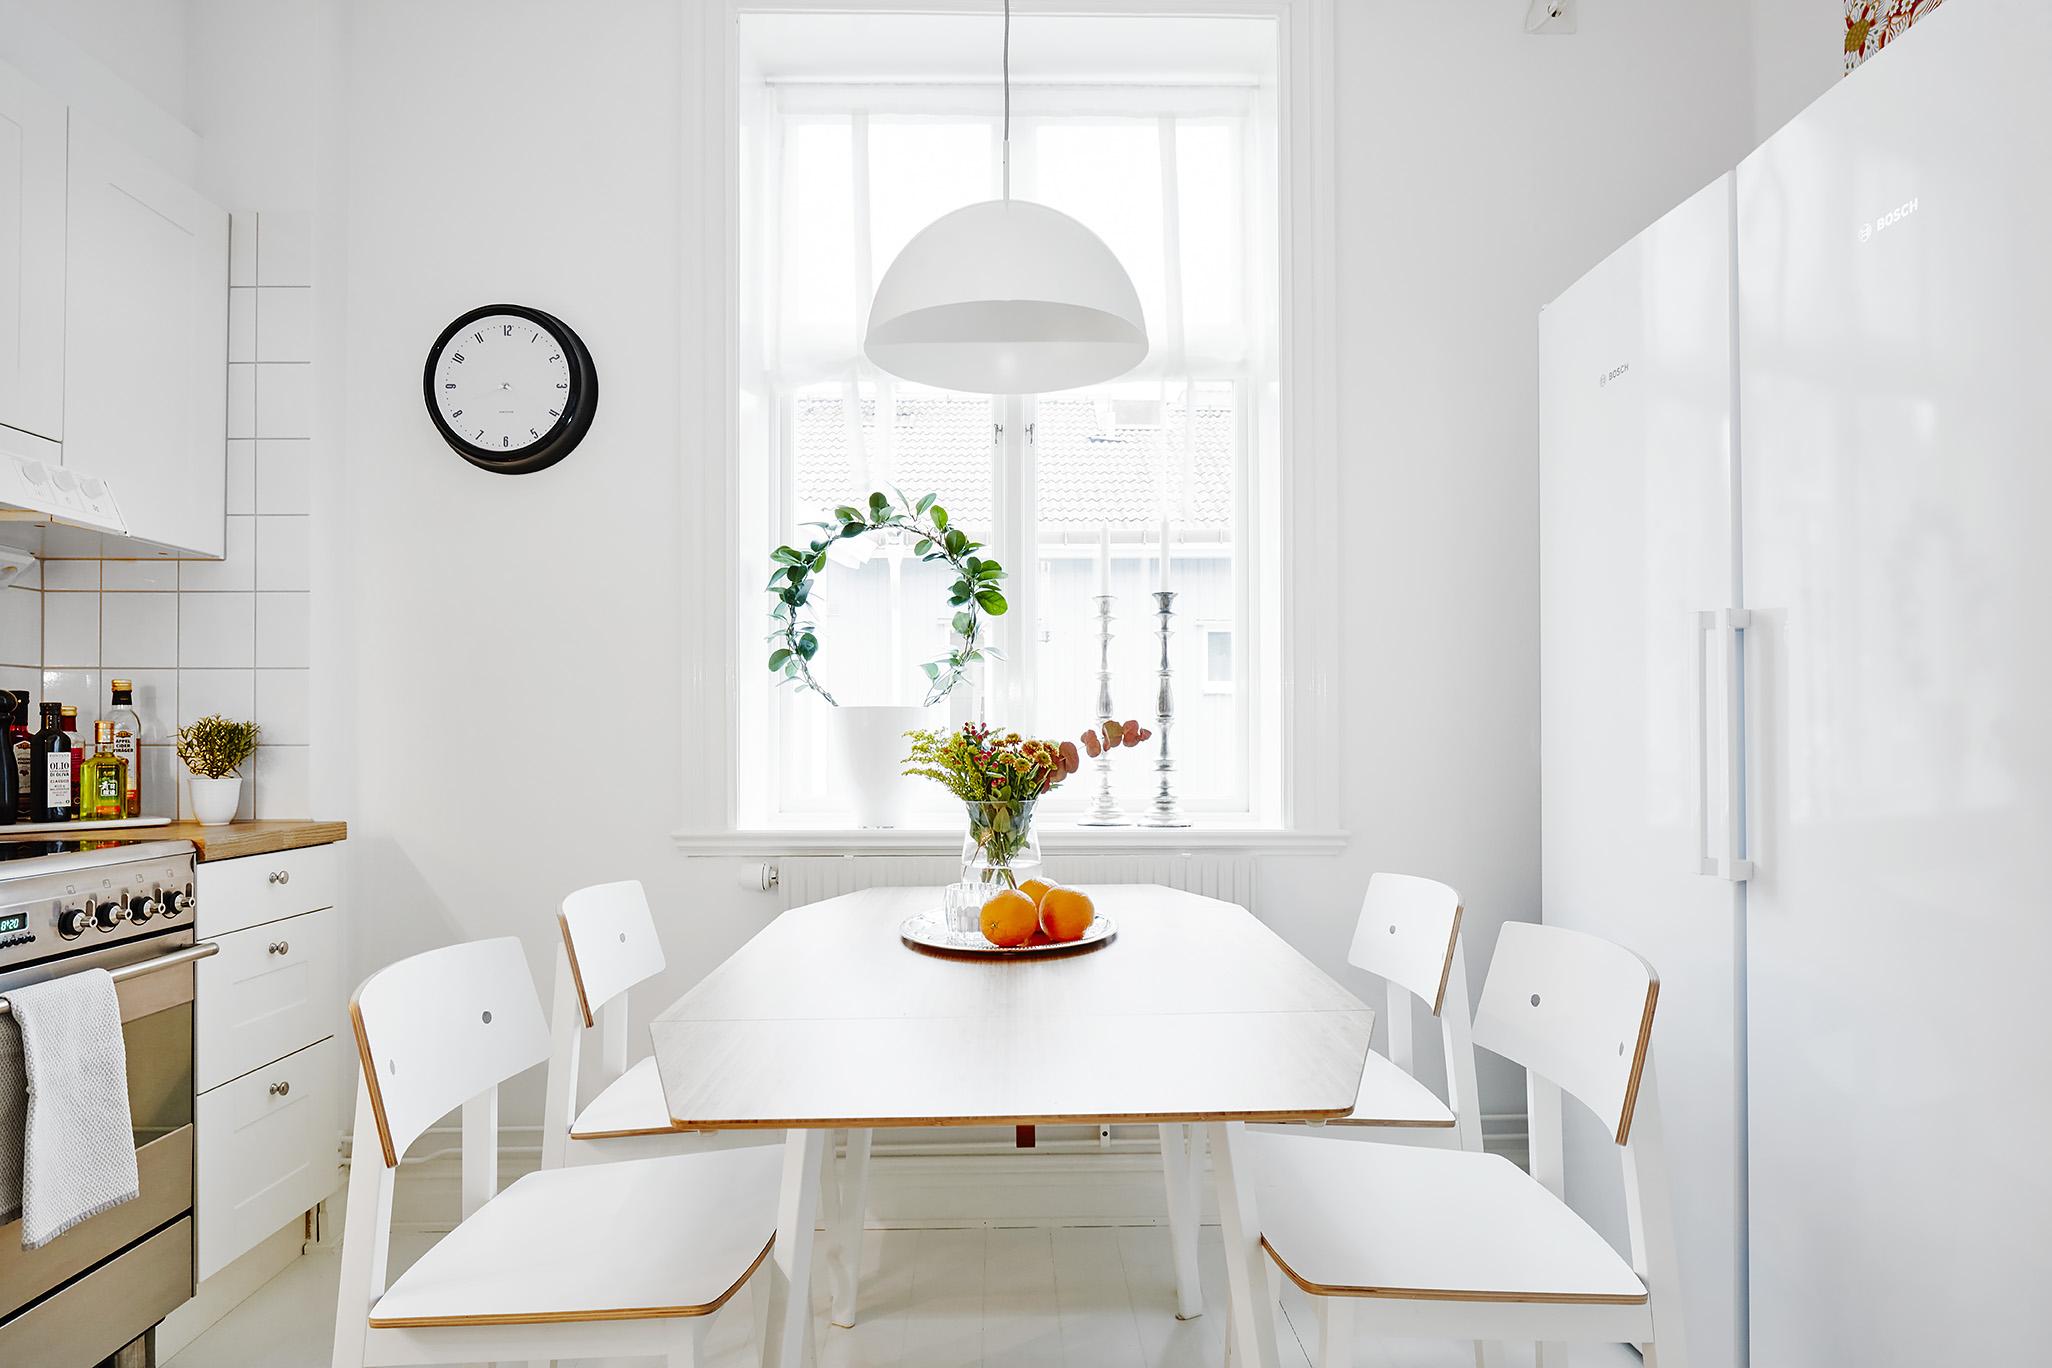 Iluminaci n extra en la cocina blog decoraci n estilo - Decoracion iluminacion ...